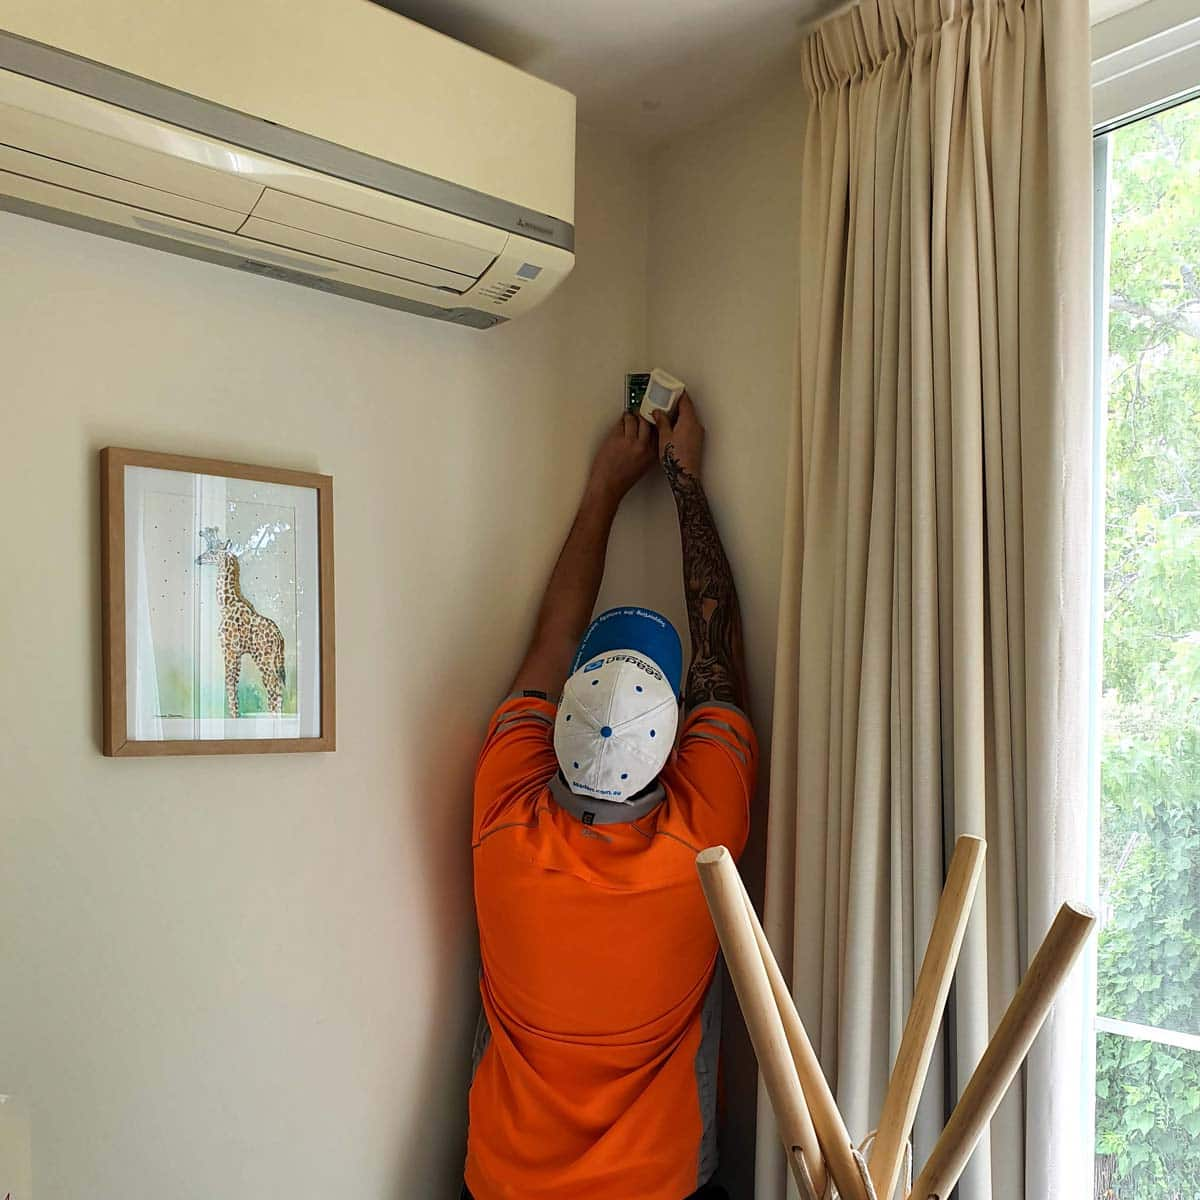 Home Alarm System Melbourne 03